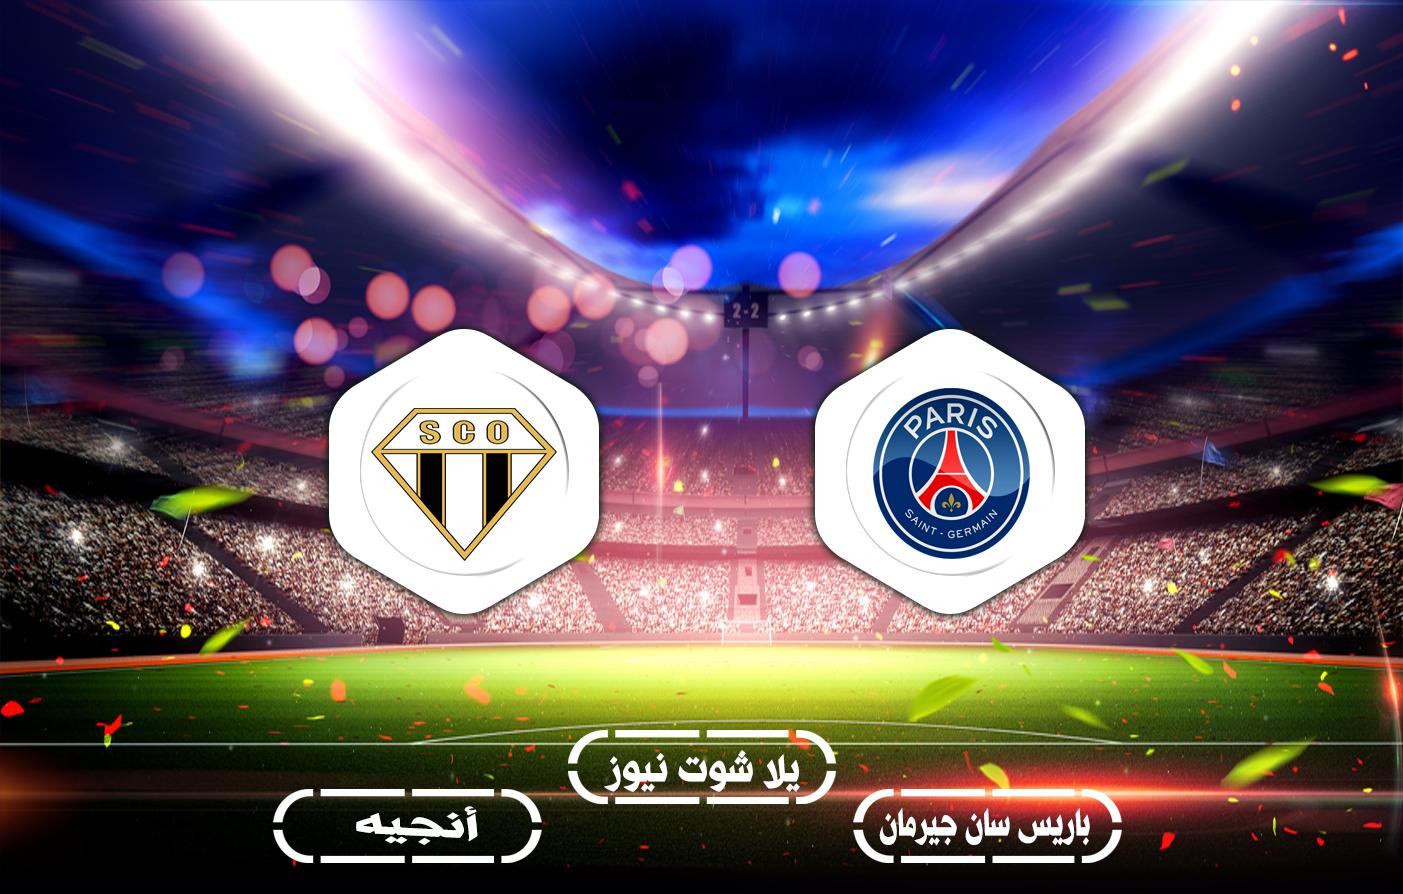 مشاهدة مباراة باريس سان جيرمان وأنجيه الدوري الفرنسي